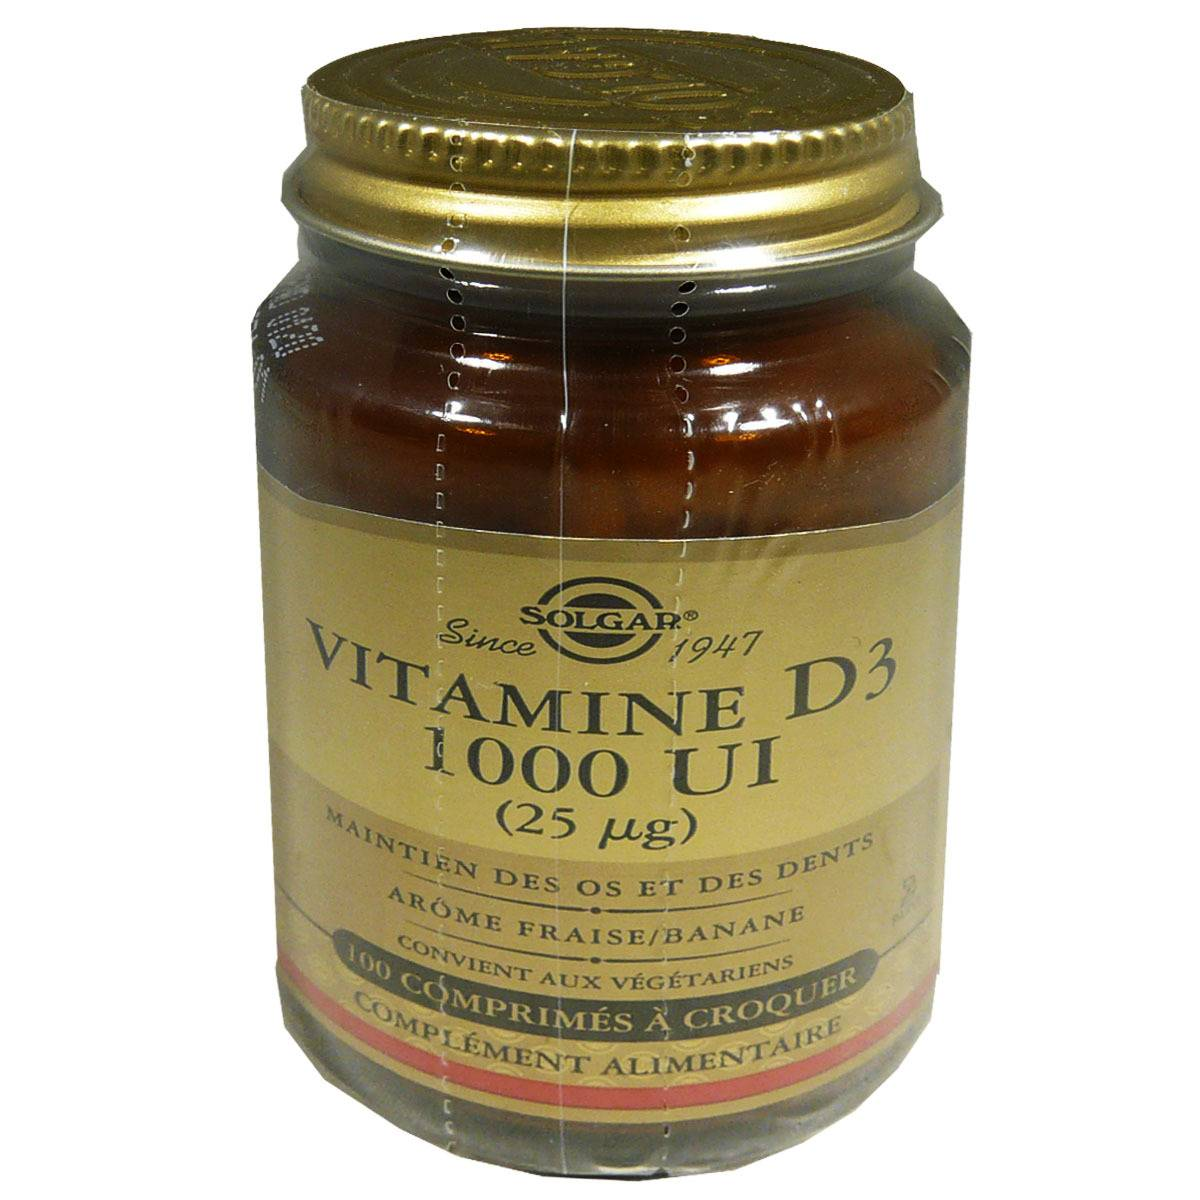 Solgar vitamine d3 1000ui 100 comprimes a croquer